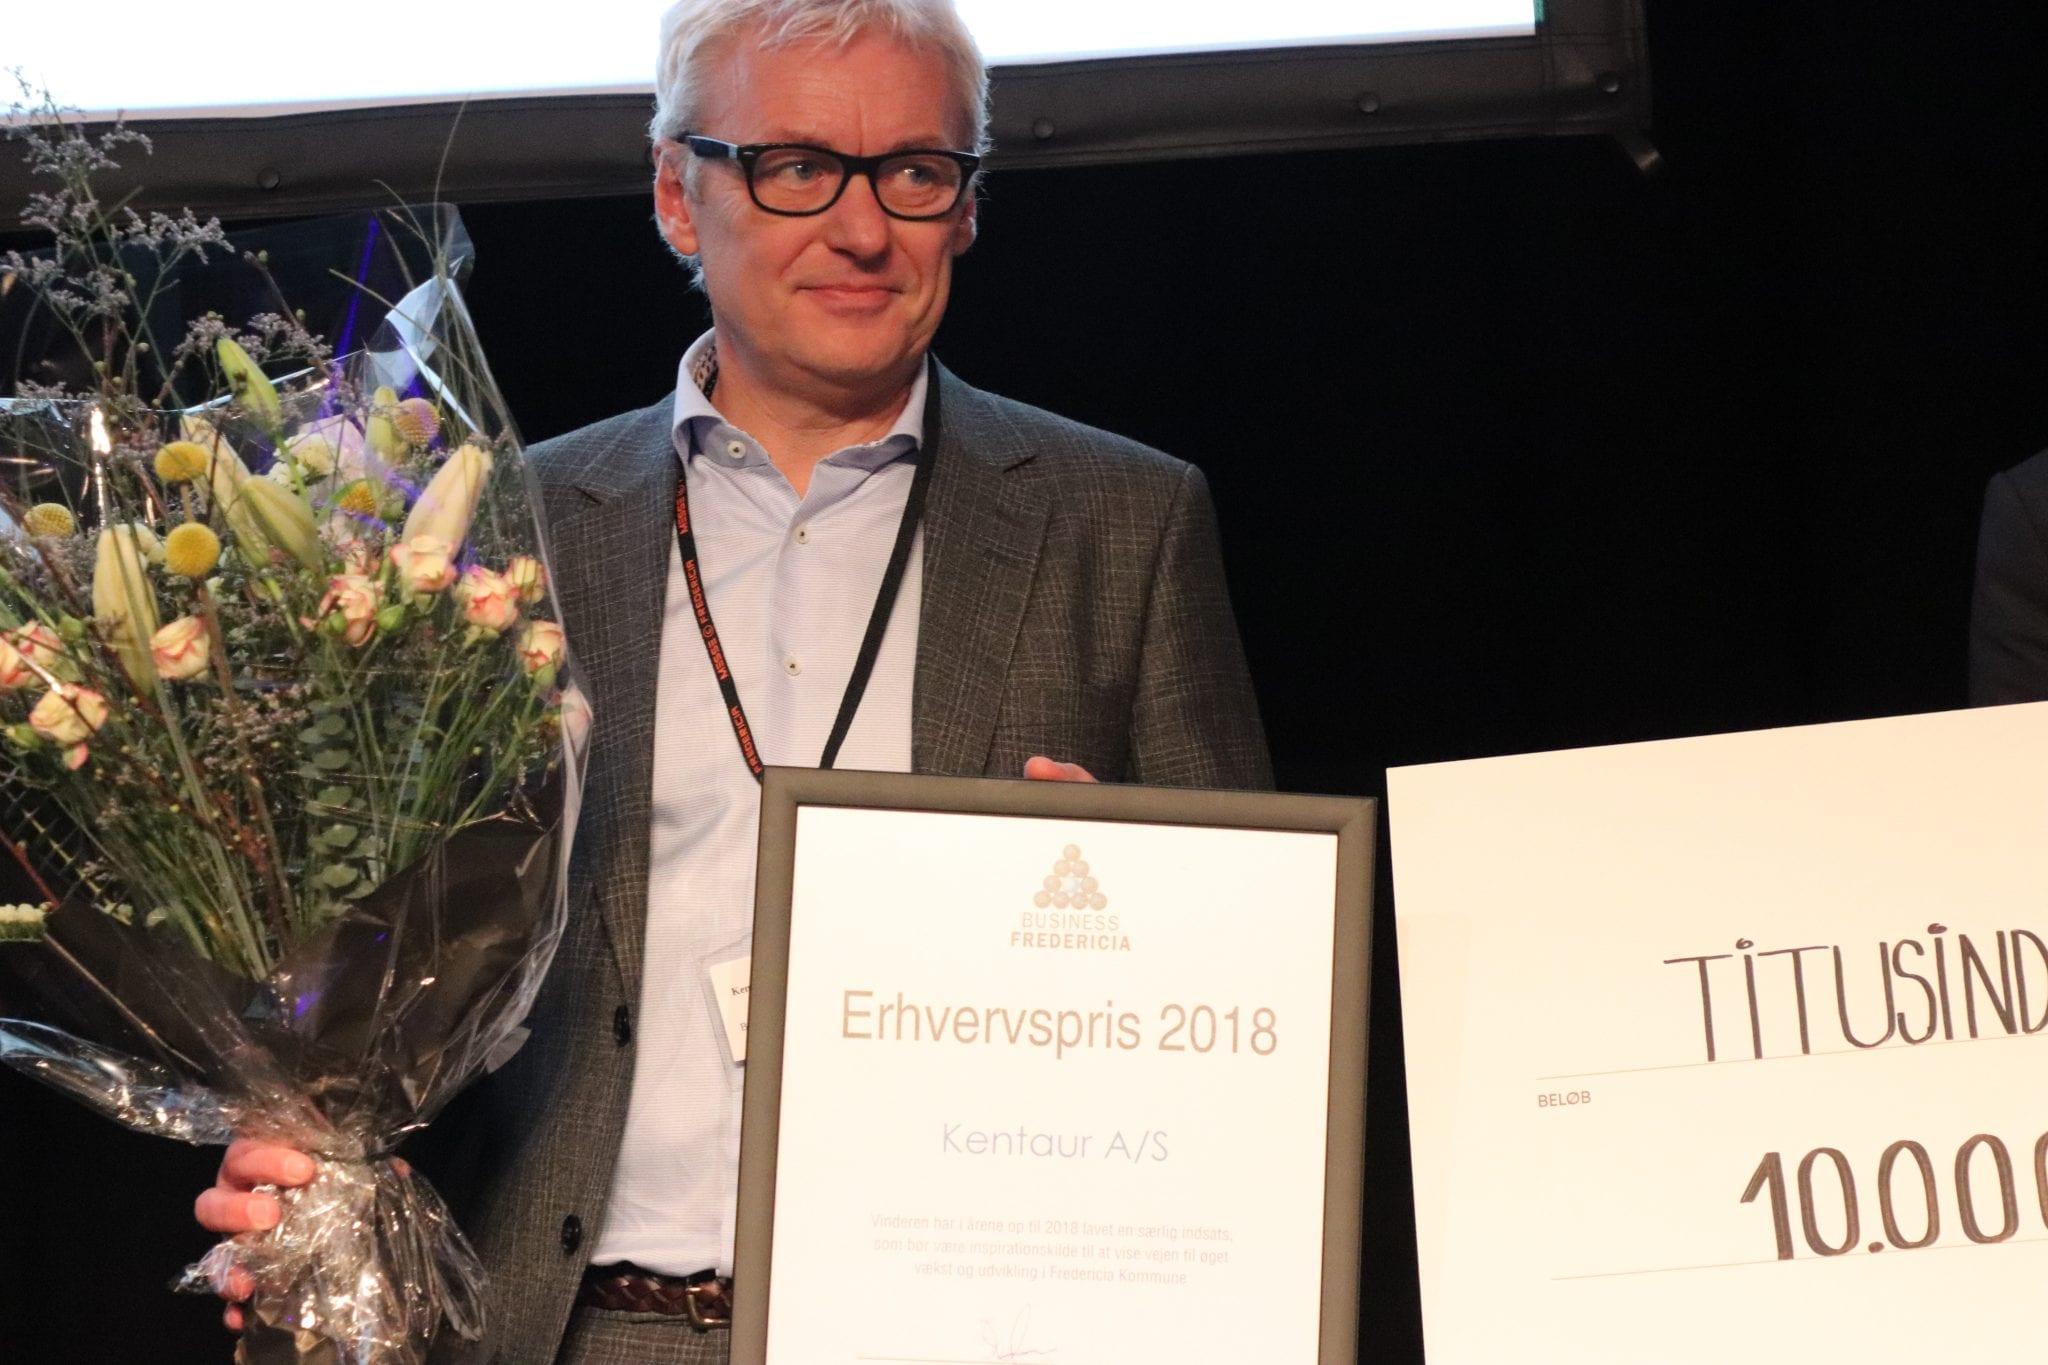 Kentaur vinder årets erhvervspris hos Business Fredericia. På billede, CEO og ejer, Bernt Dahl. Foto: Matthias Runge Madsen, Fredericia AVISEN.